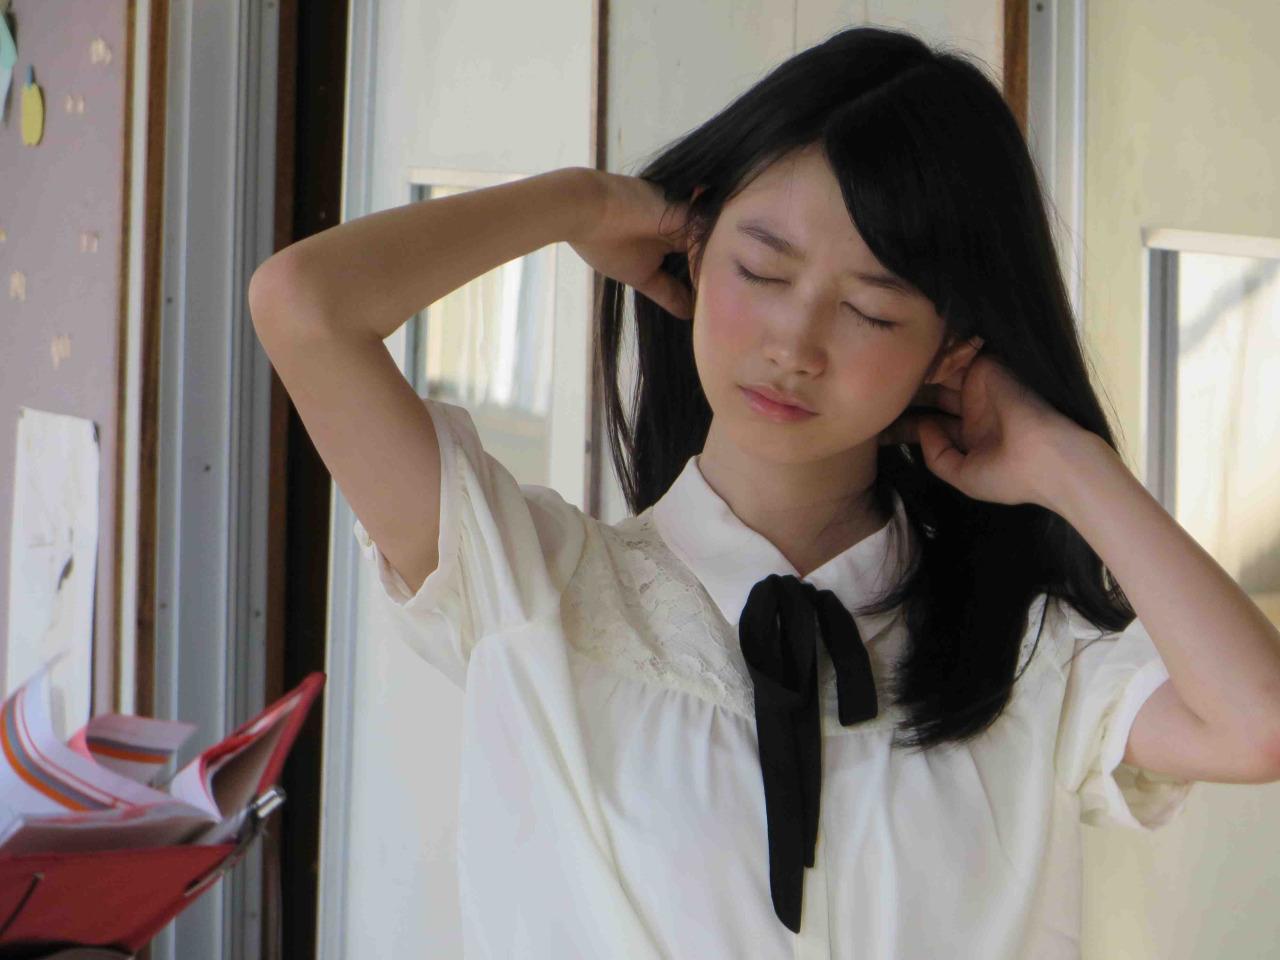 画像 : 岡本夏美のプロフィール...